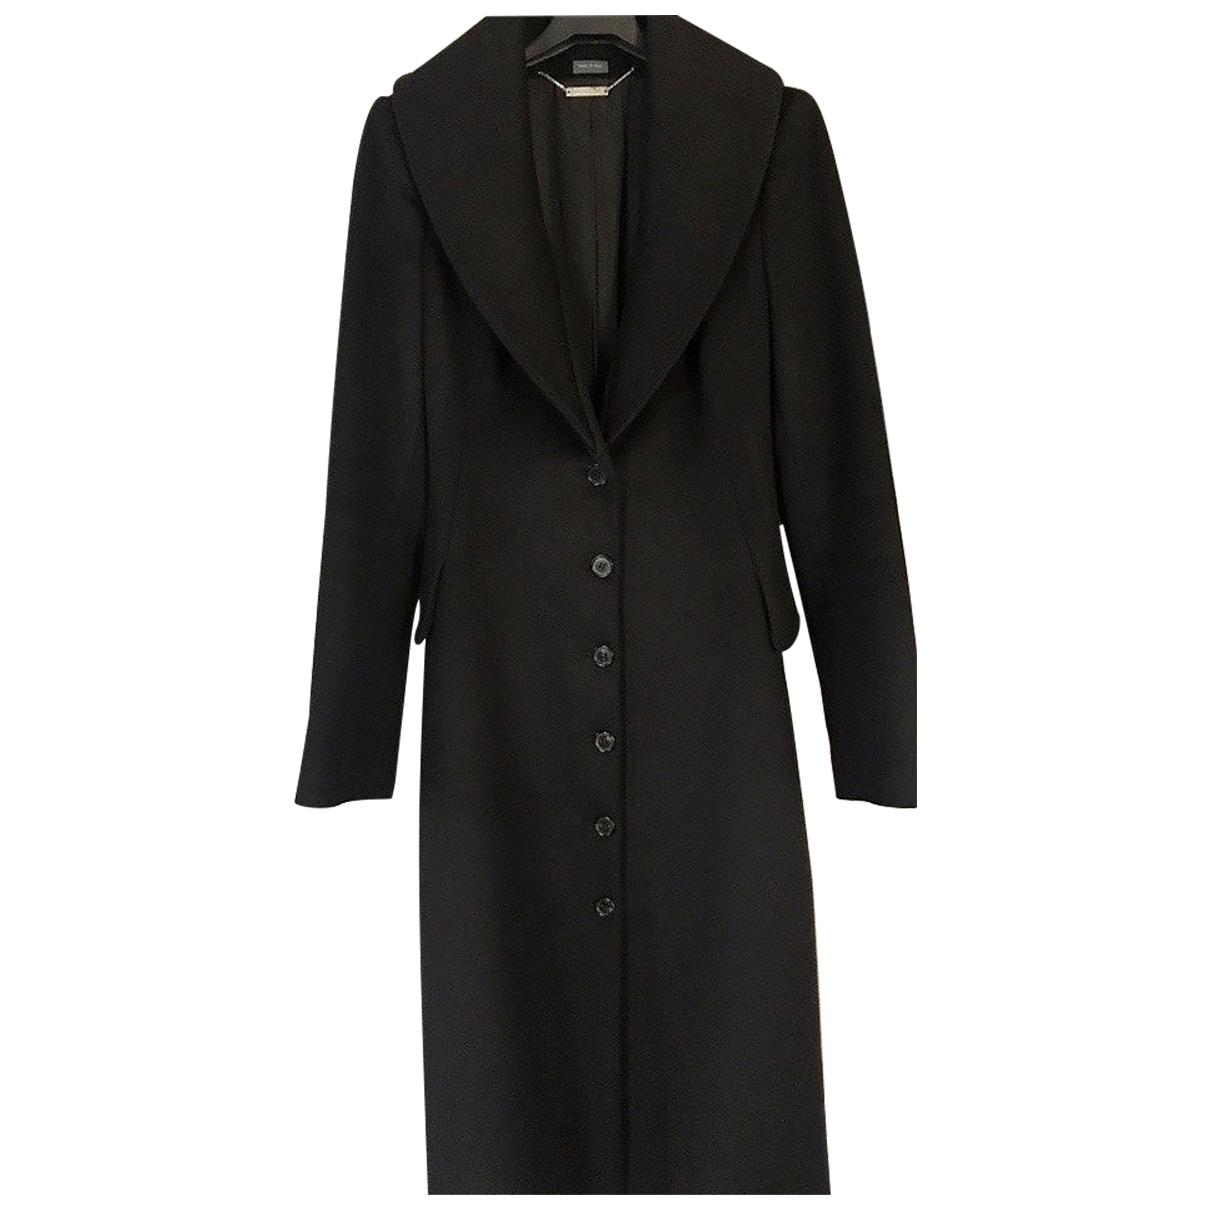 Alexander Mcqueen \N Black Cashmere coat for Women 44 IT